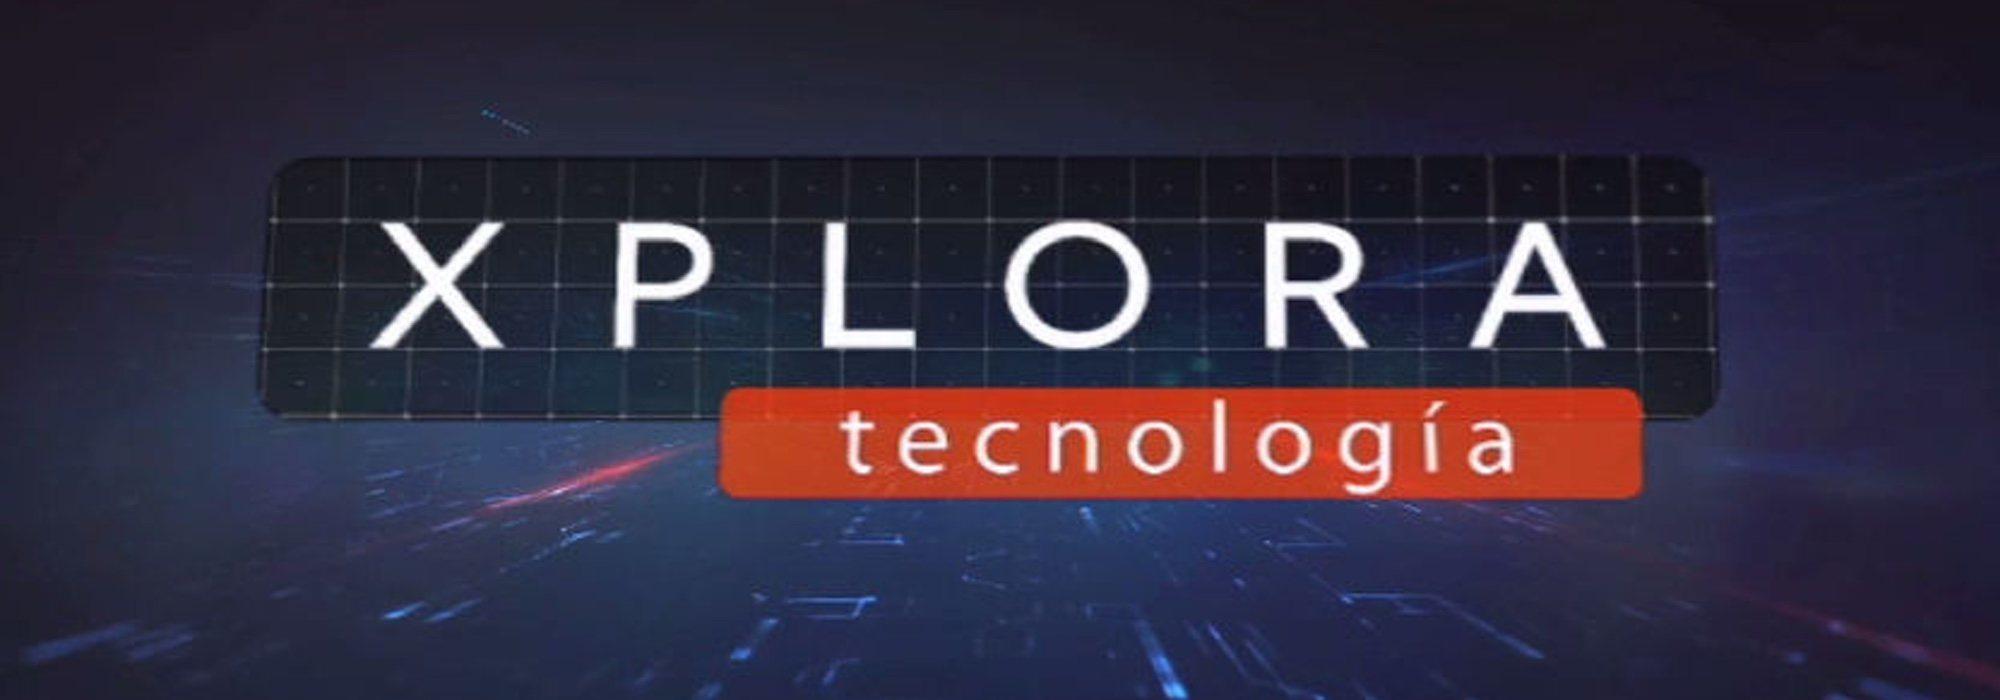 Xplora Tecnología